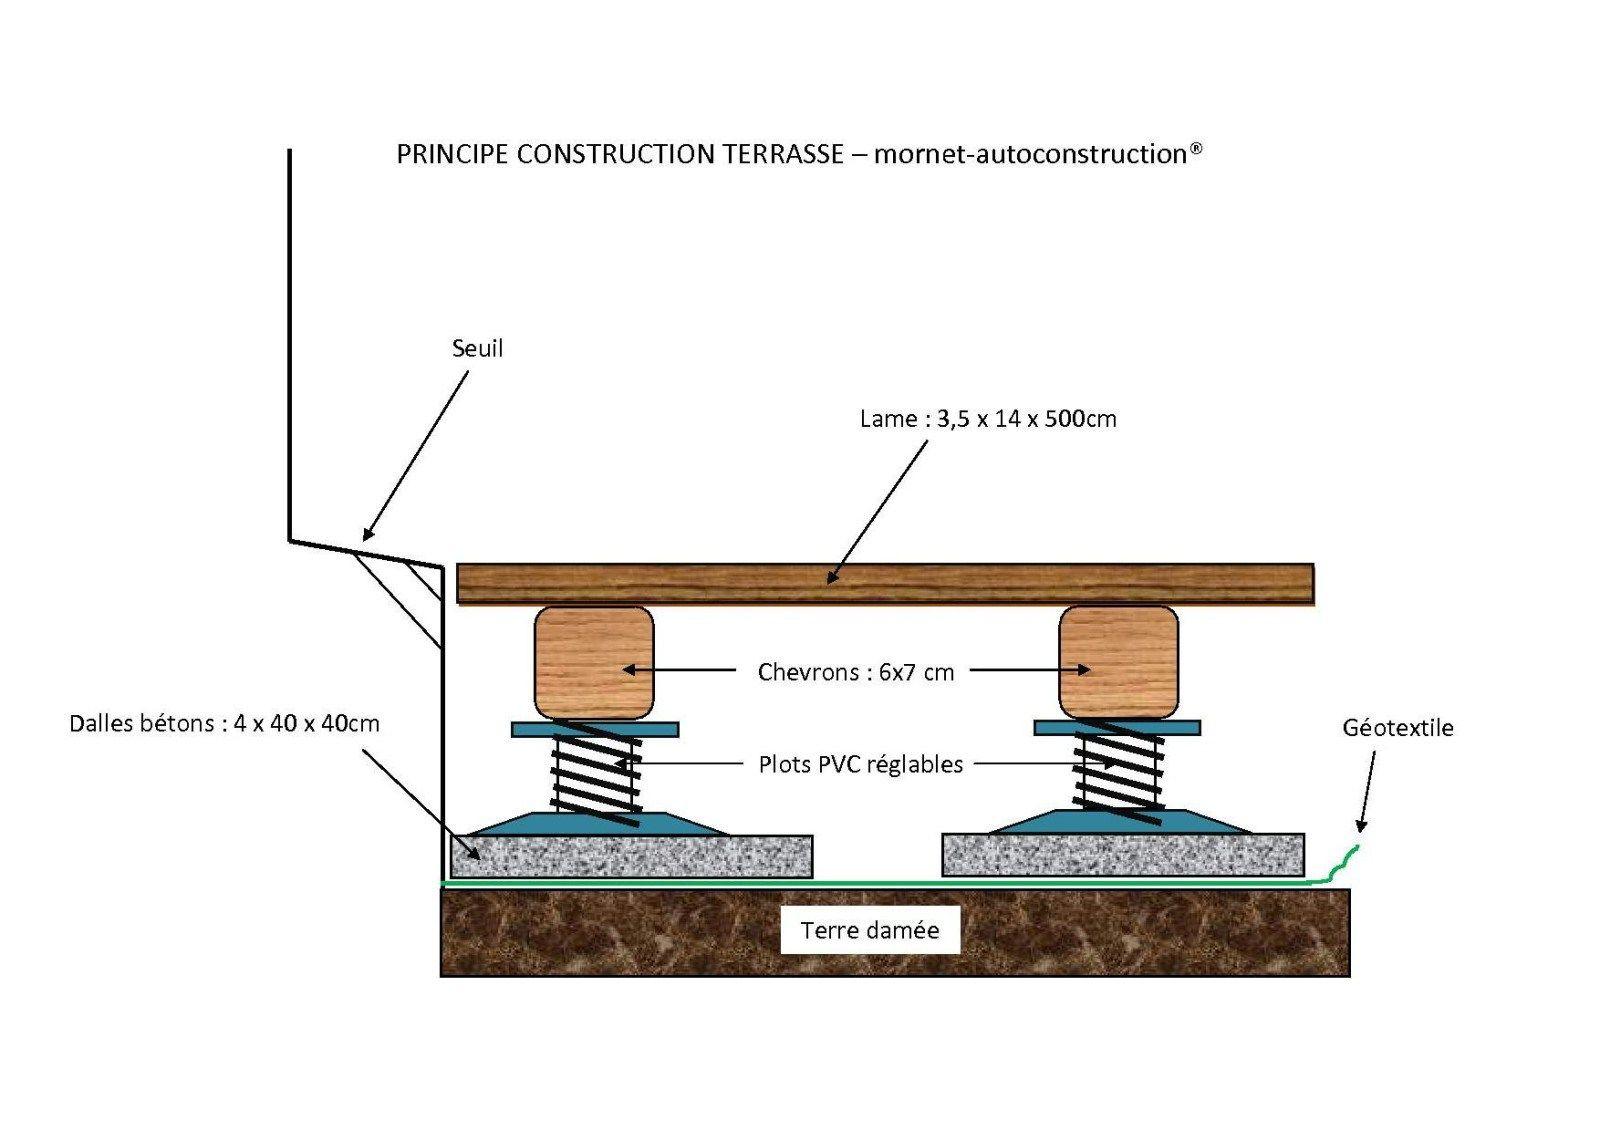 Coupe Technique Terrasse Bois | Terrasse Bois, Construction ... avec Dalle Stabilisatrice Pour Plot À Vérin Blooma